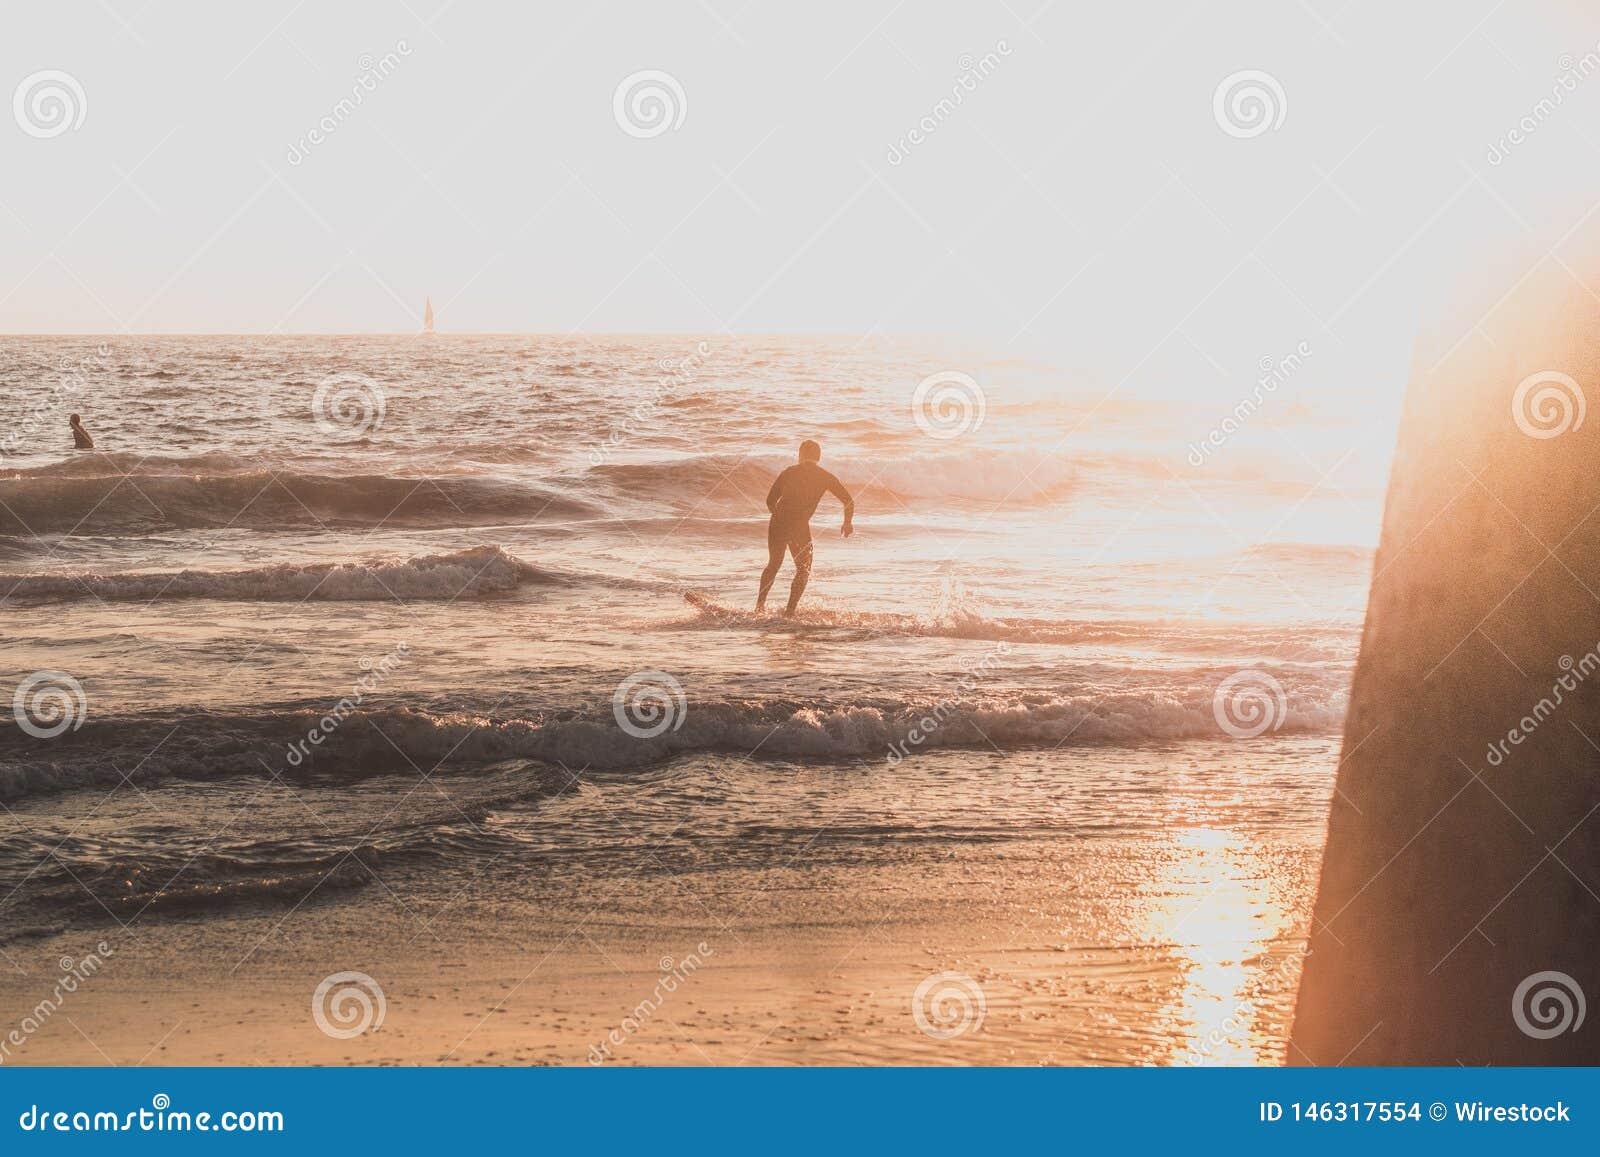 Un surfer courant sur la plage